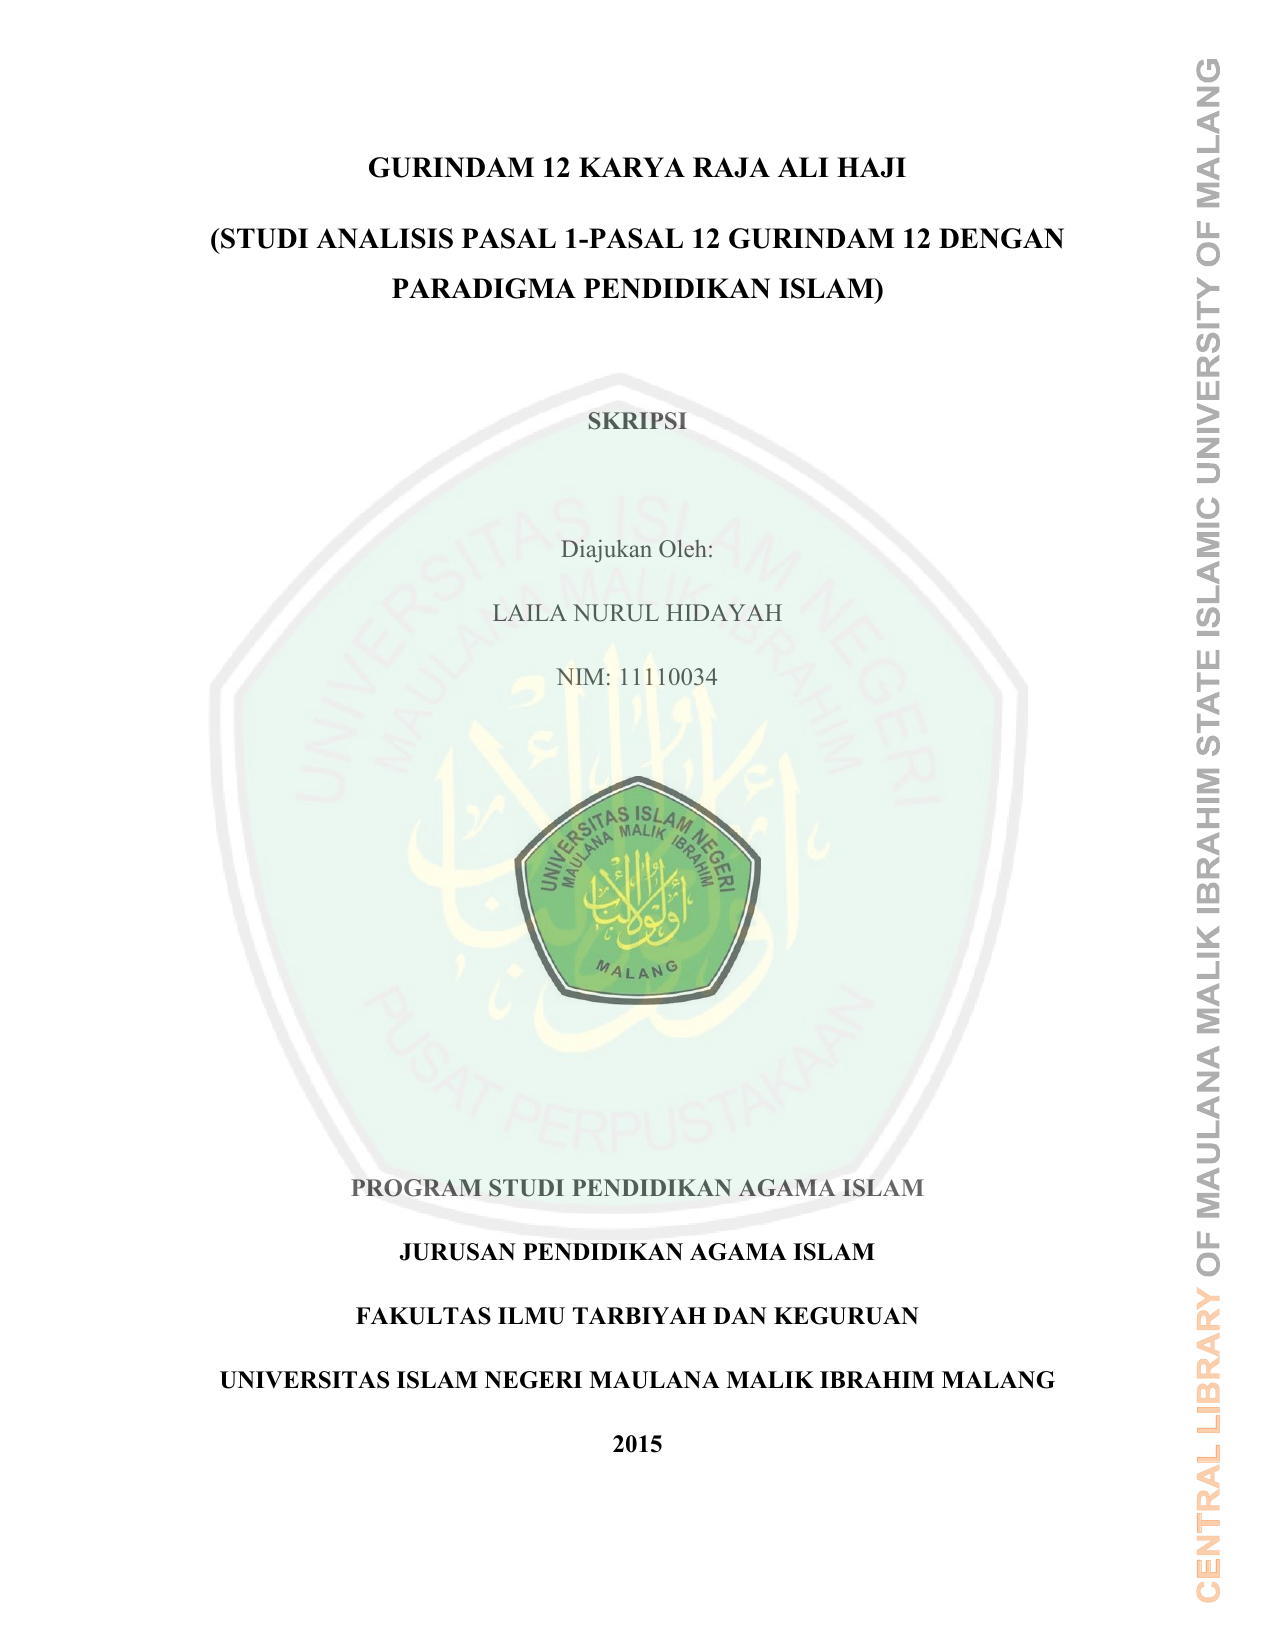 Gurindam 12 Karya Raja Ali Haji Studi Analisis Pasal 1